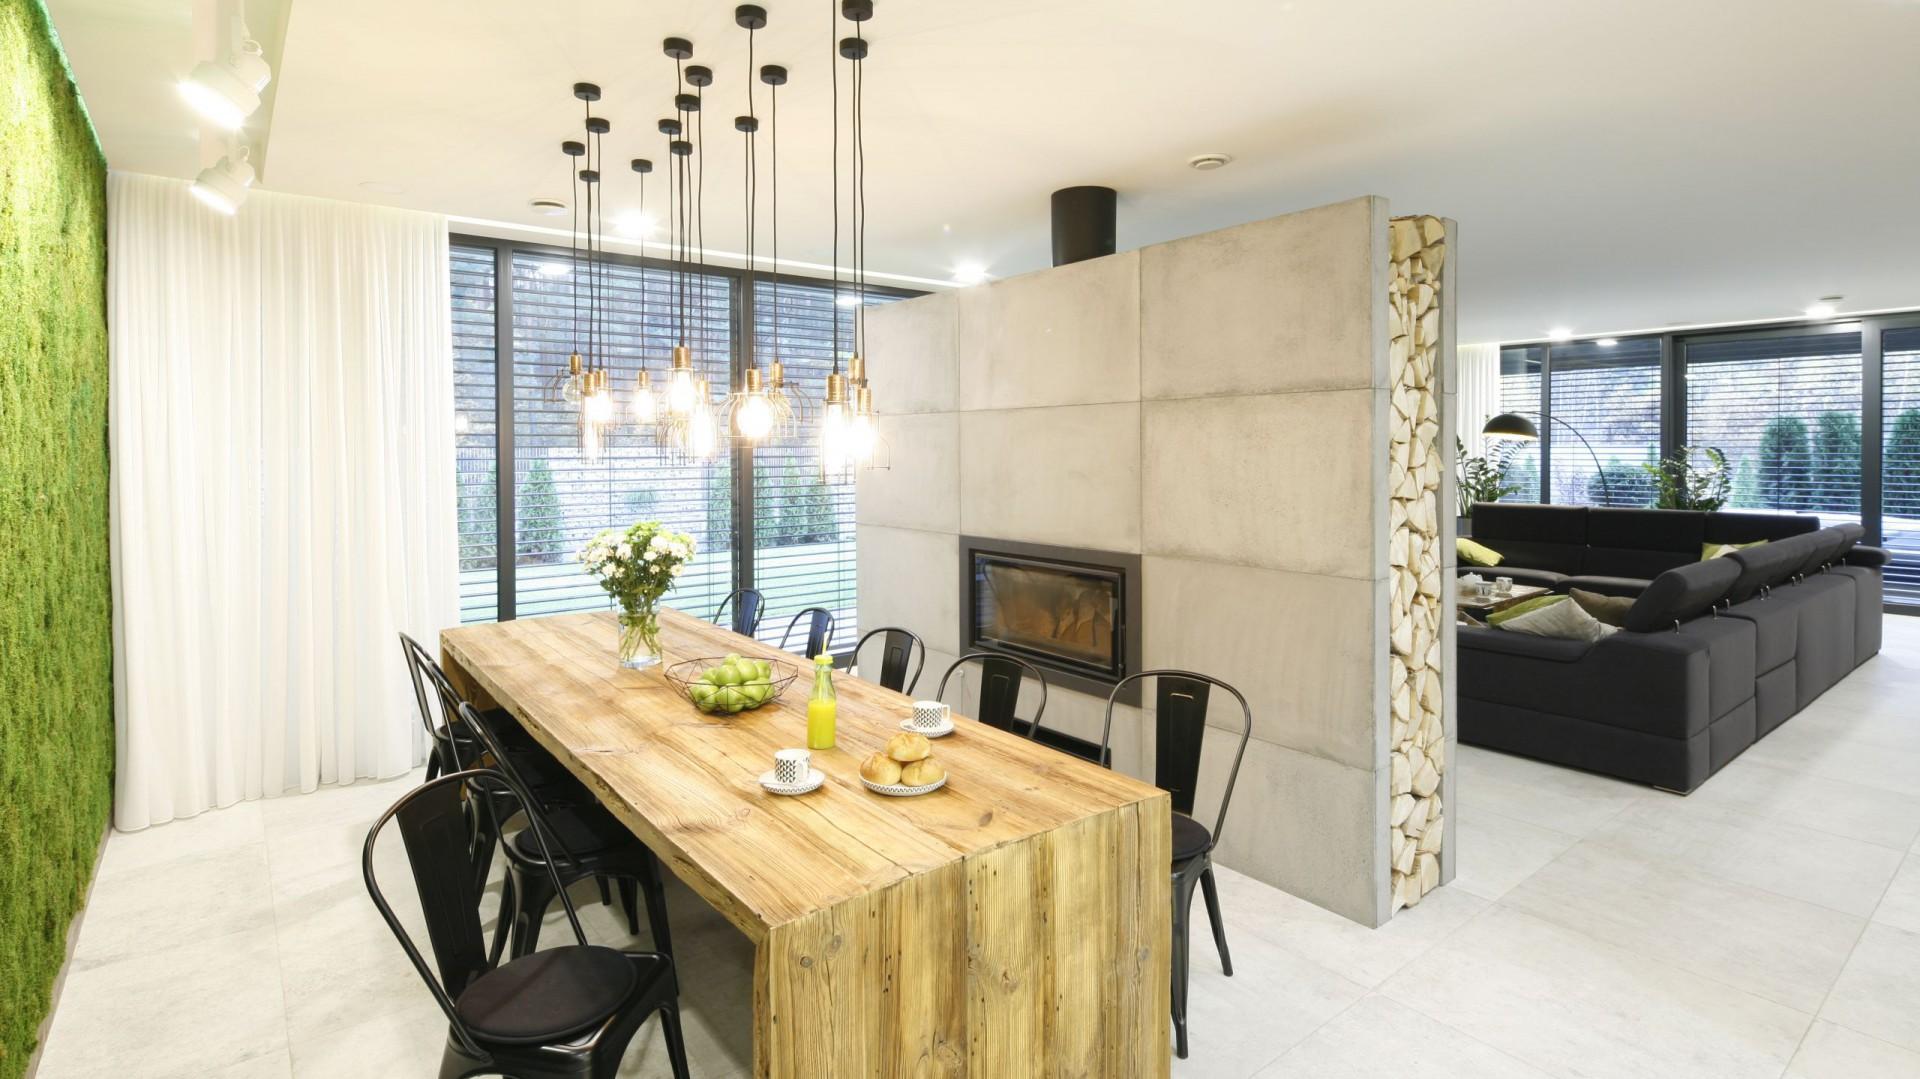 Nowoczesny dom w loftowym stylu. Projekt: Dariusz Grabowski. Fot. Bartosz Jarosz